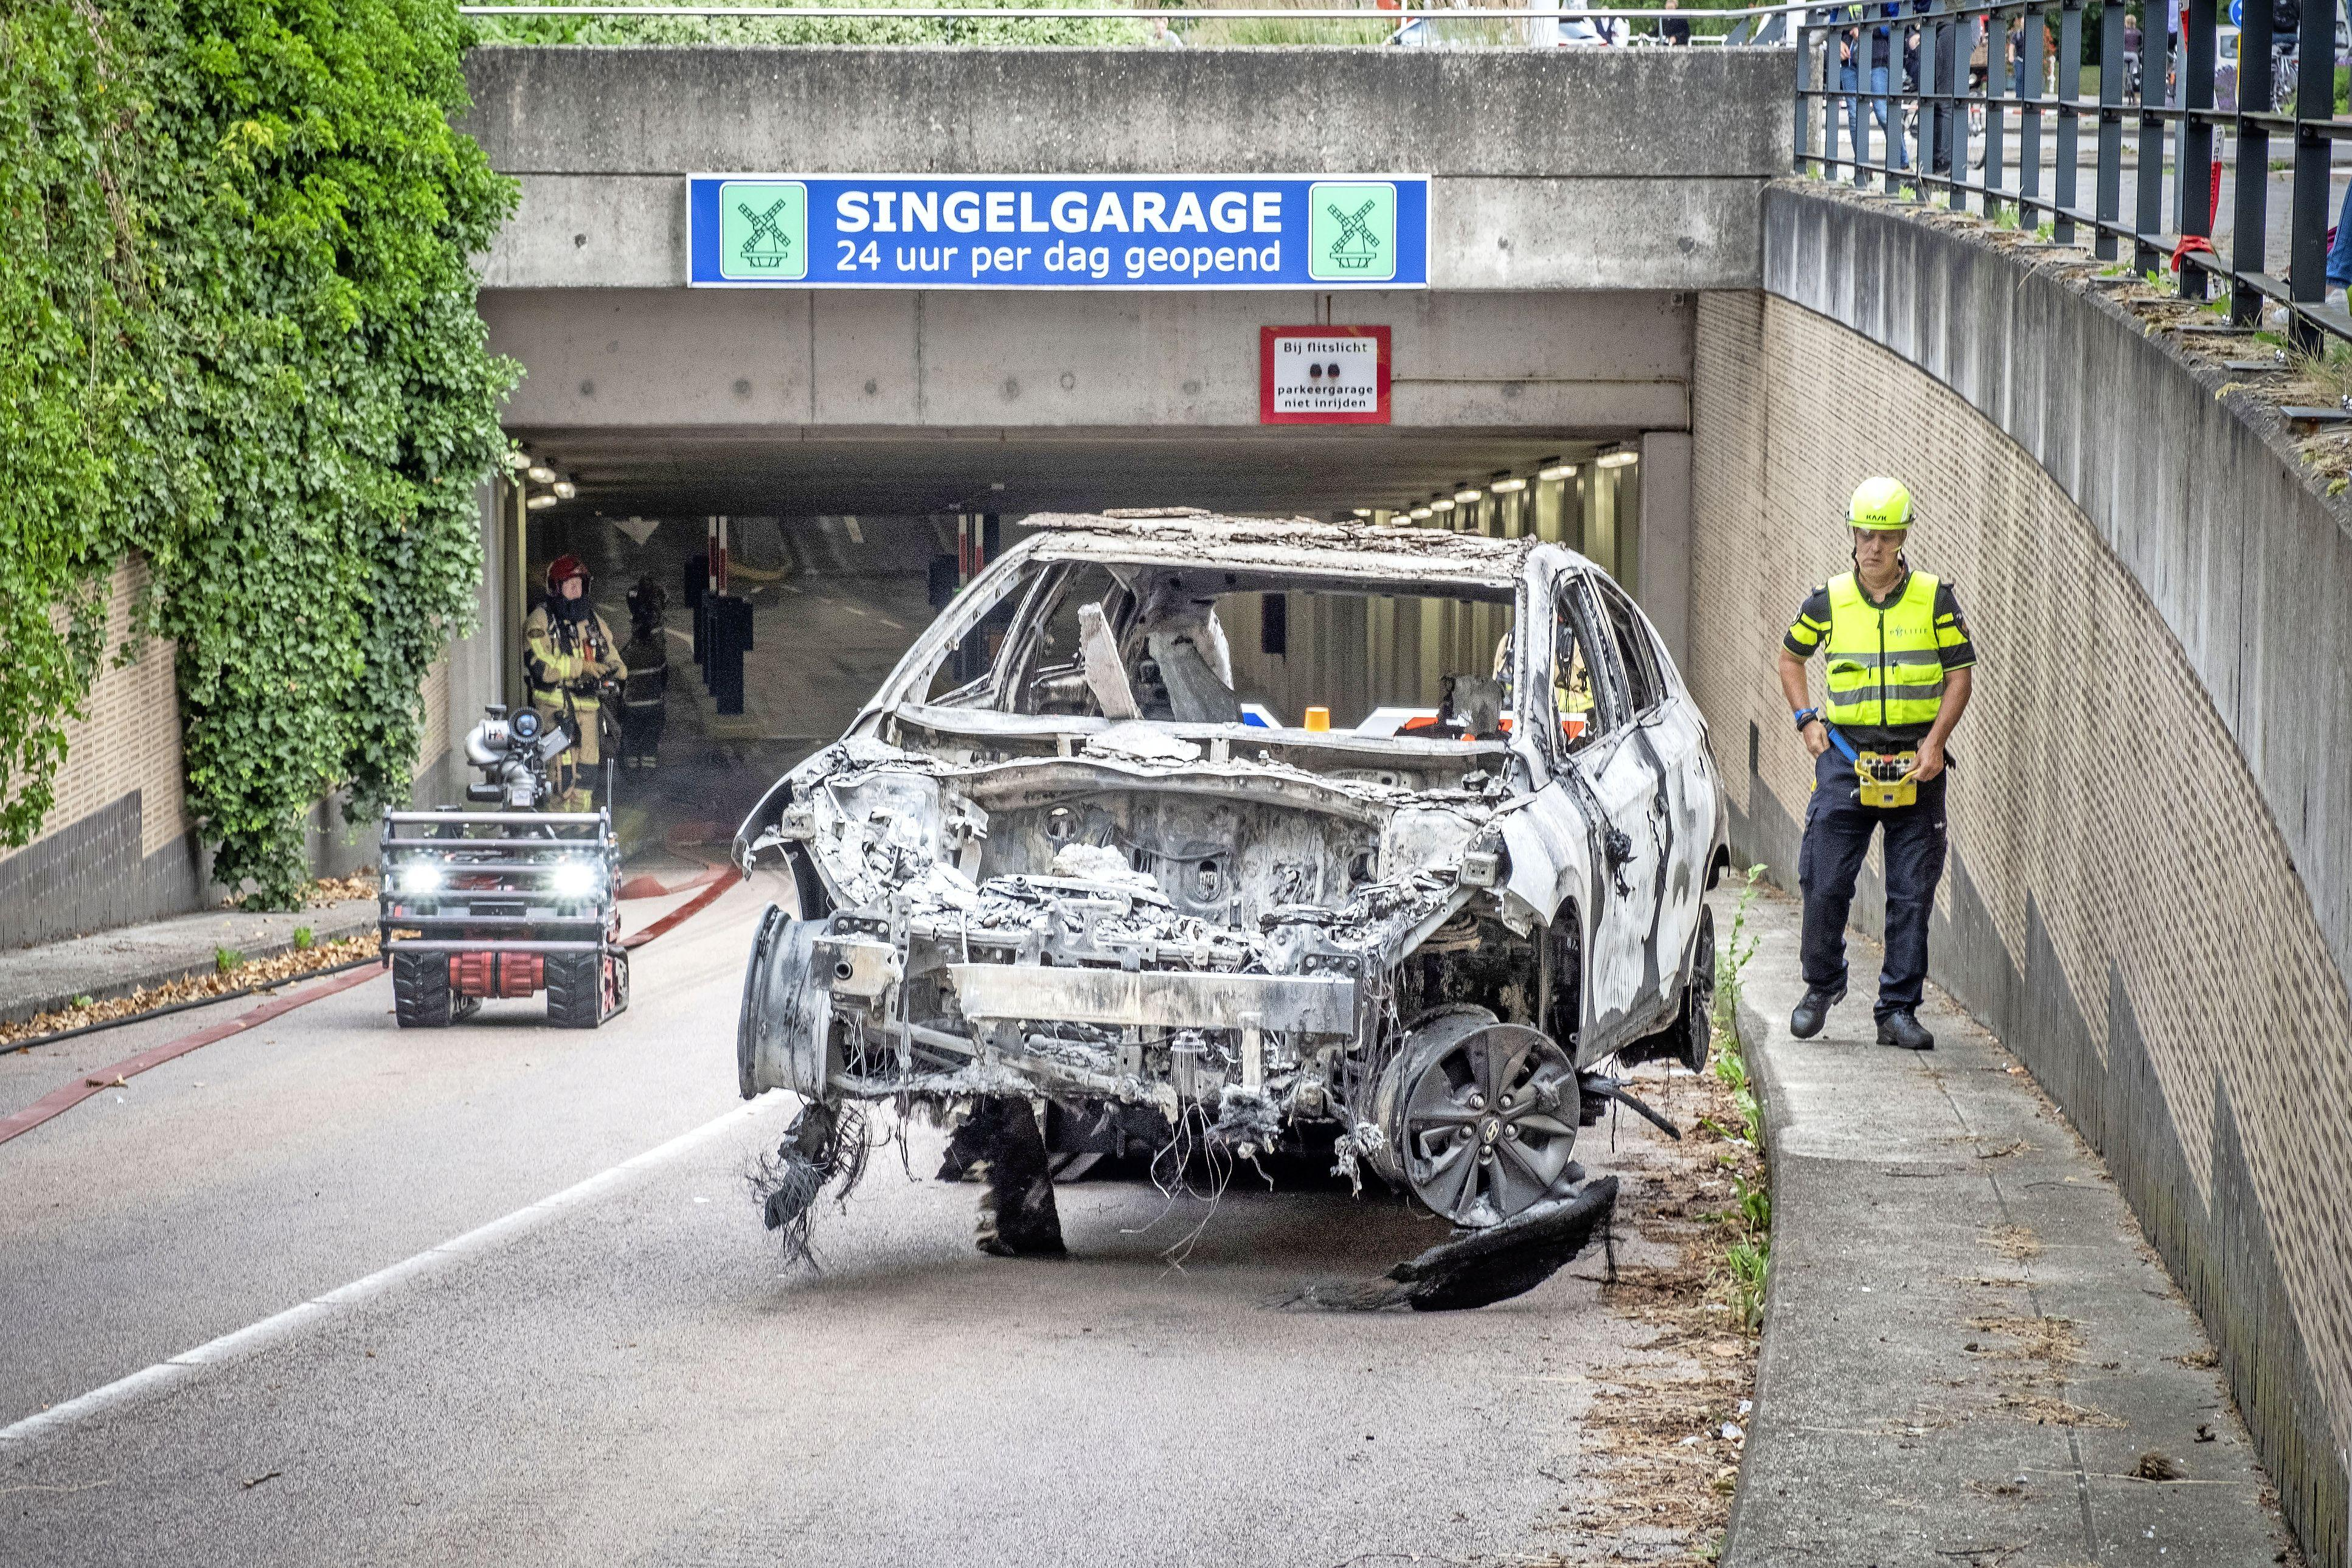 Brandstichter Alkmaarse Singelgarage moet zo snel mogelijk naar kliniek, vindt justitie, maar heeft ook eis enorme schadeclaims aan zijn broek